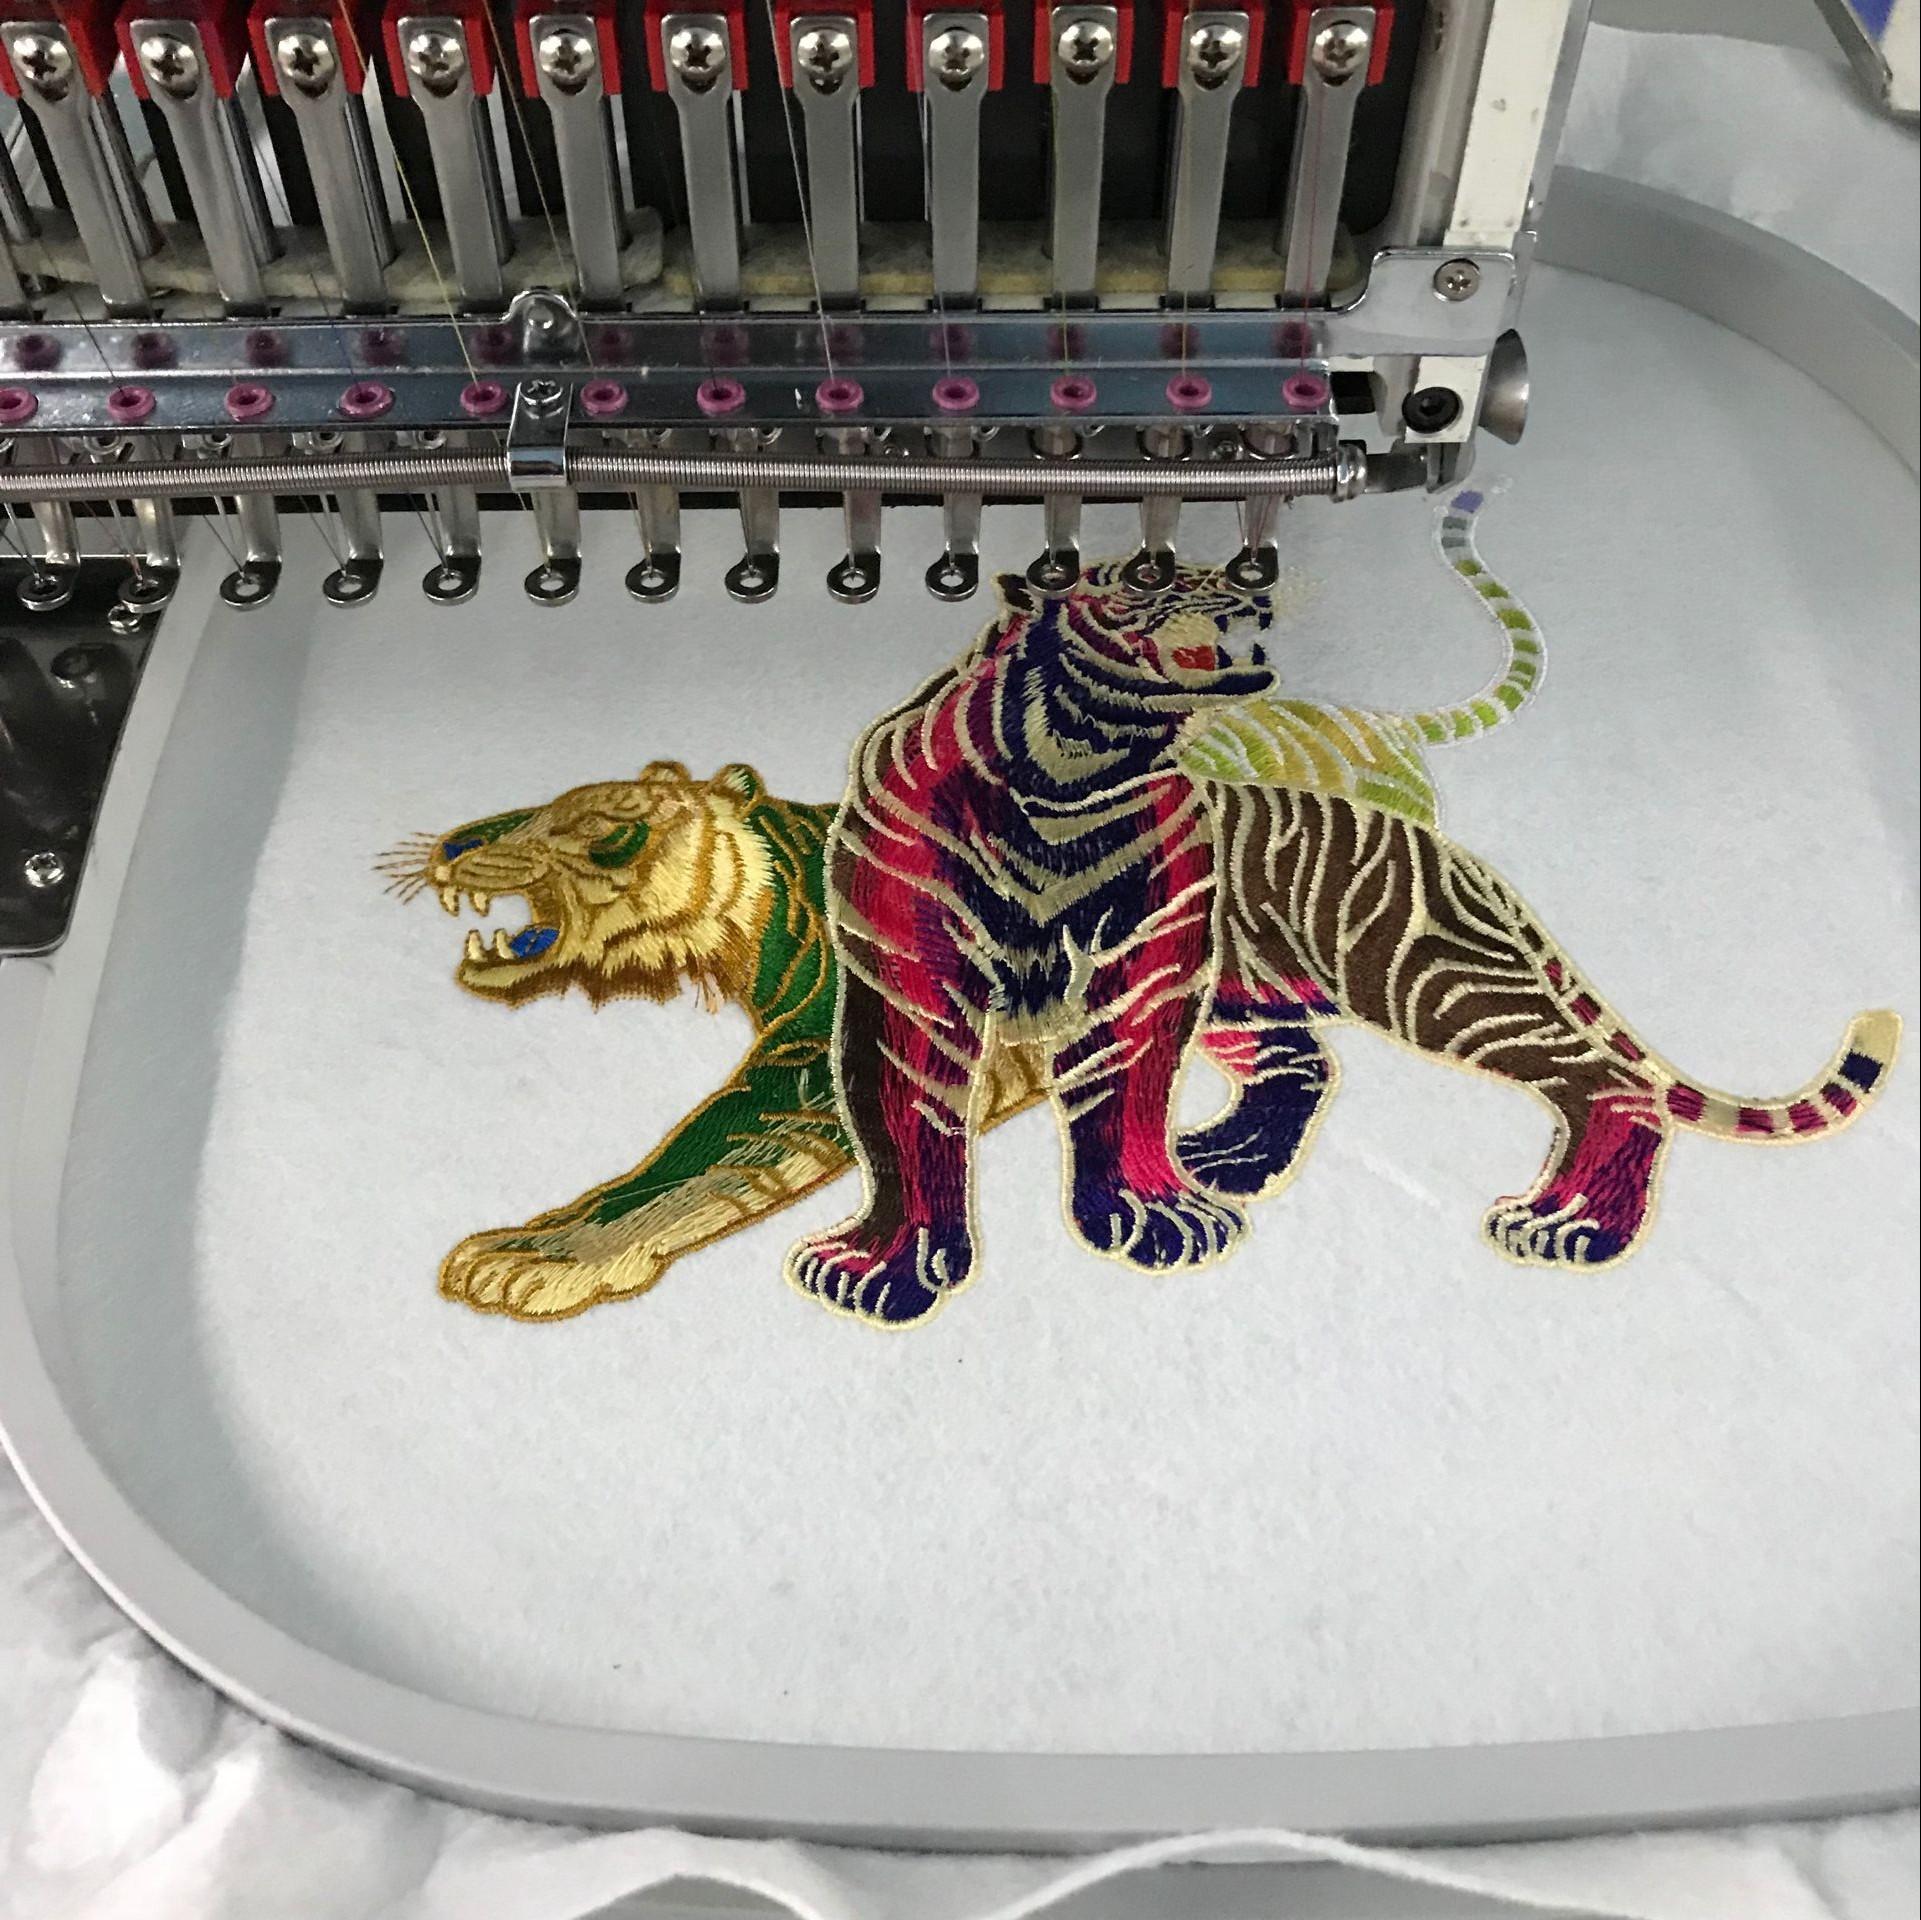 Пример работы, сделанной при помощи вышивальной машины